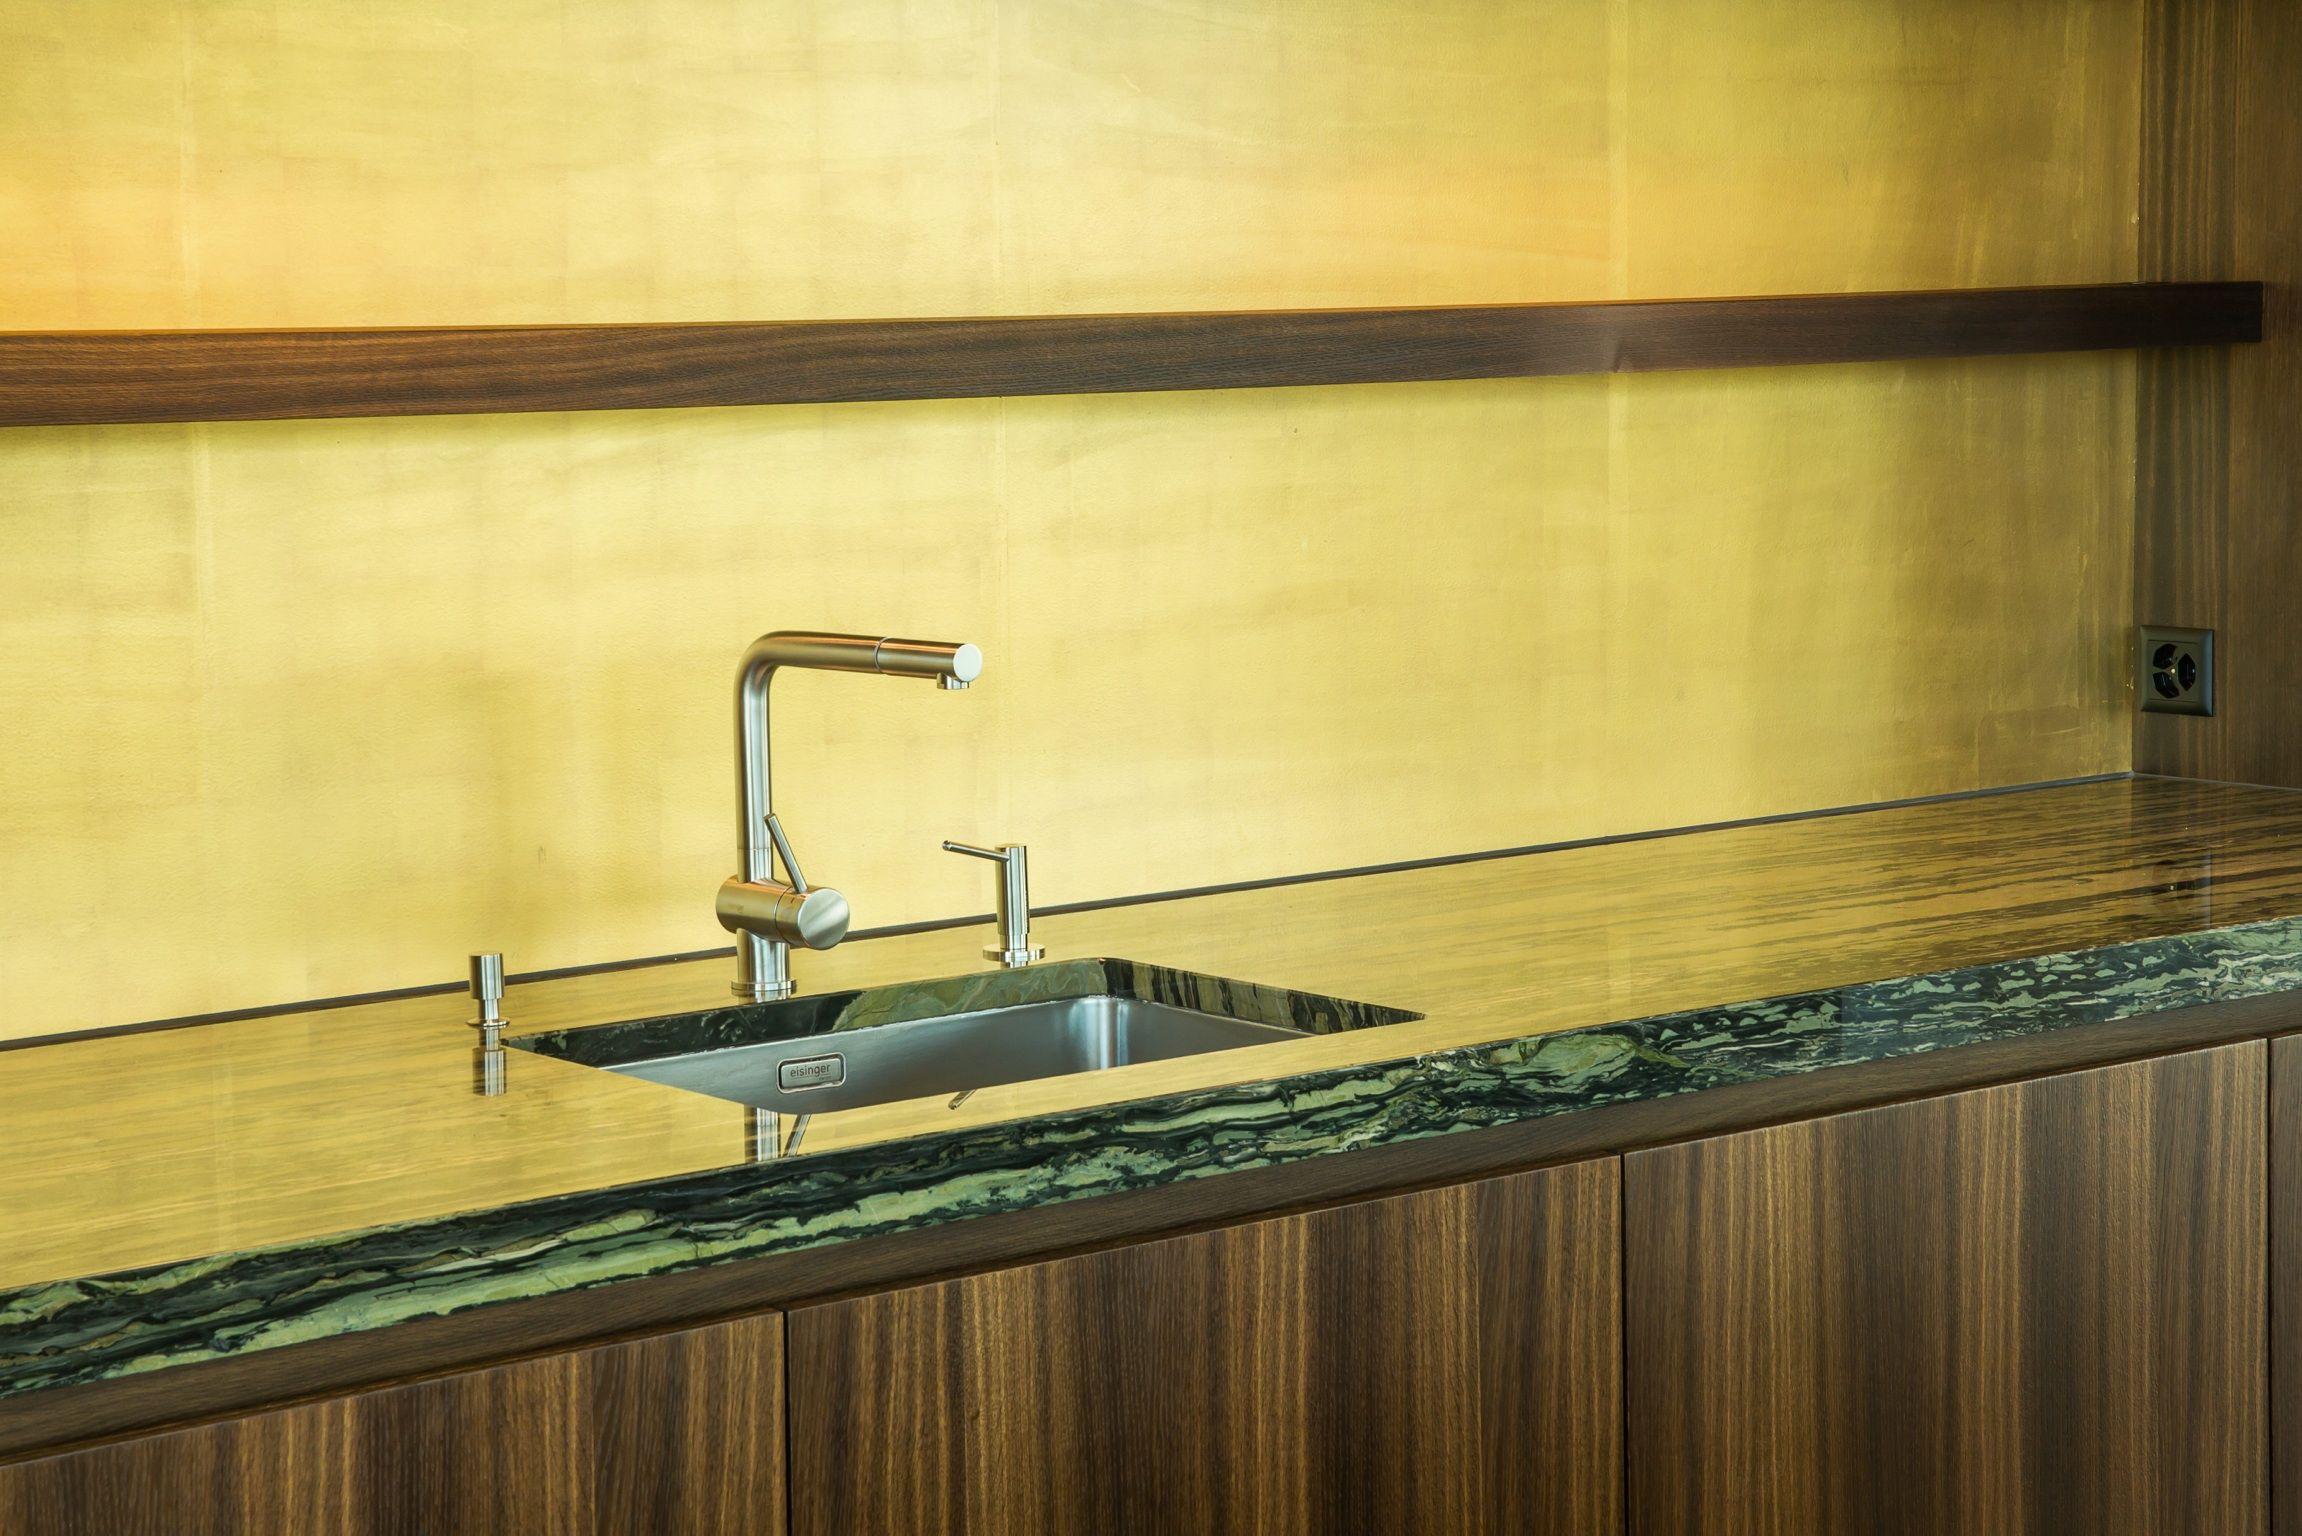 Granitplatten küche  Küche mit Granit-Abdeckung, Fronten in Eiche geräuchert, Rückwand ...